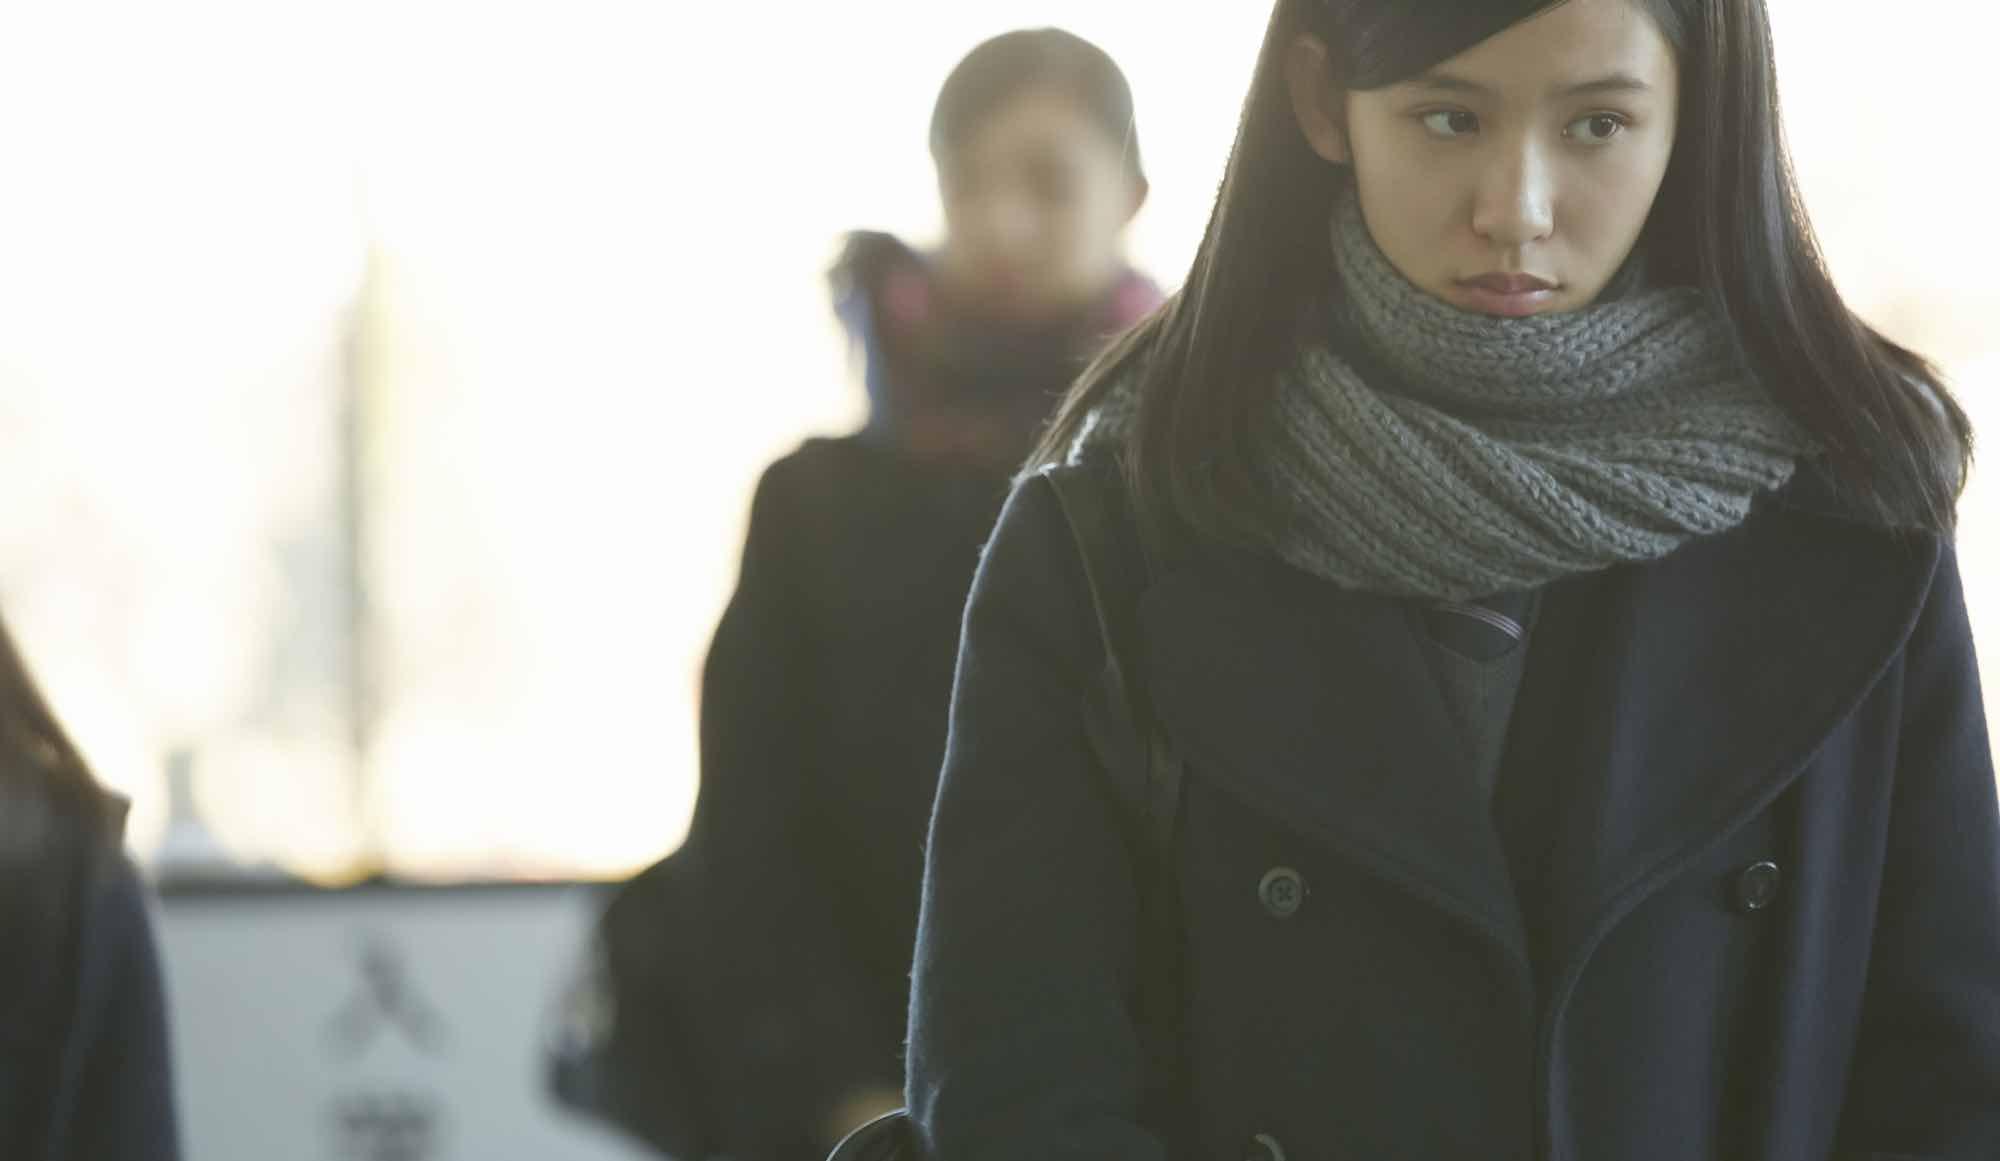 休み明けの寒い日、学校や仕事に行きたくない……そんな心をちょっぴり楽にする5つのアイデア